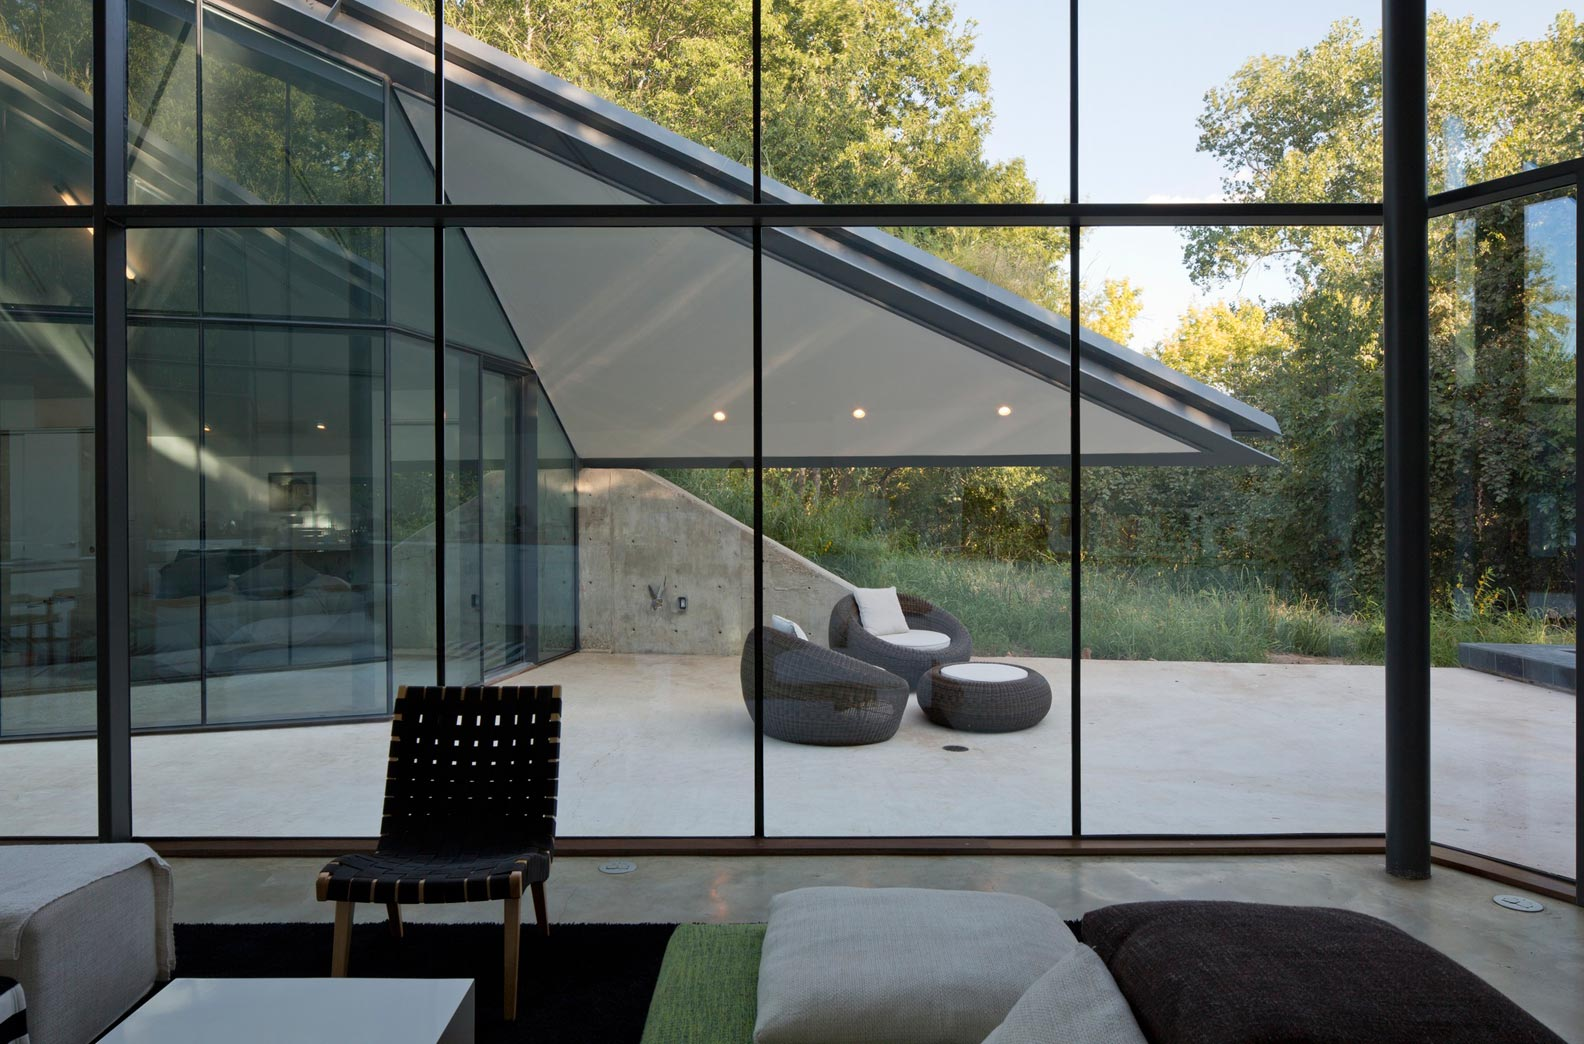 مزایا و معایب انواع شیشه - استوارسازان